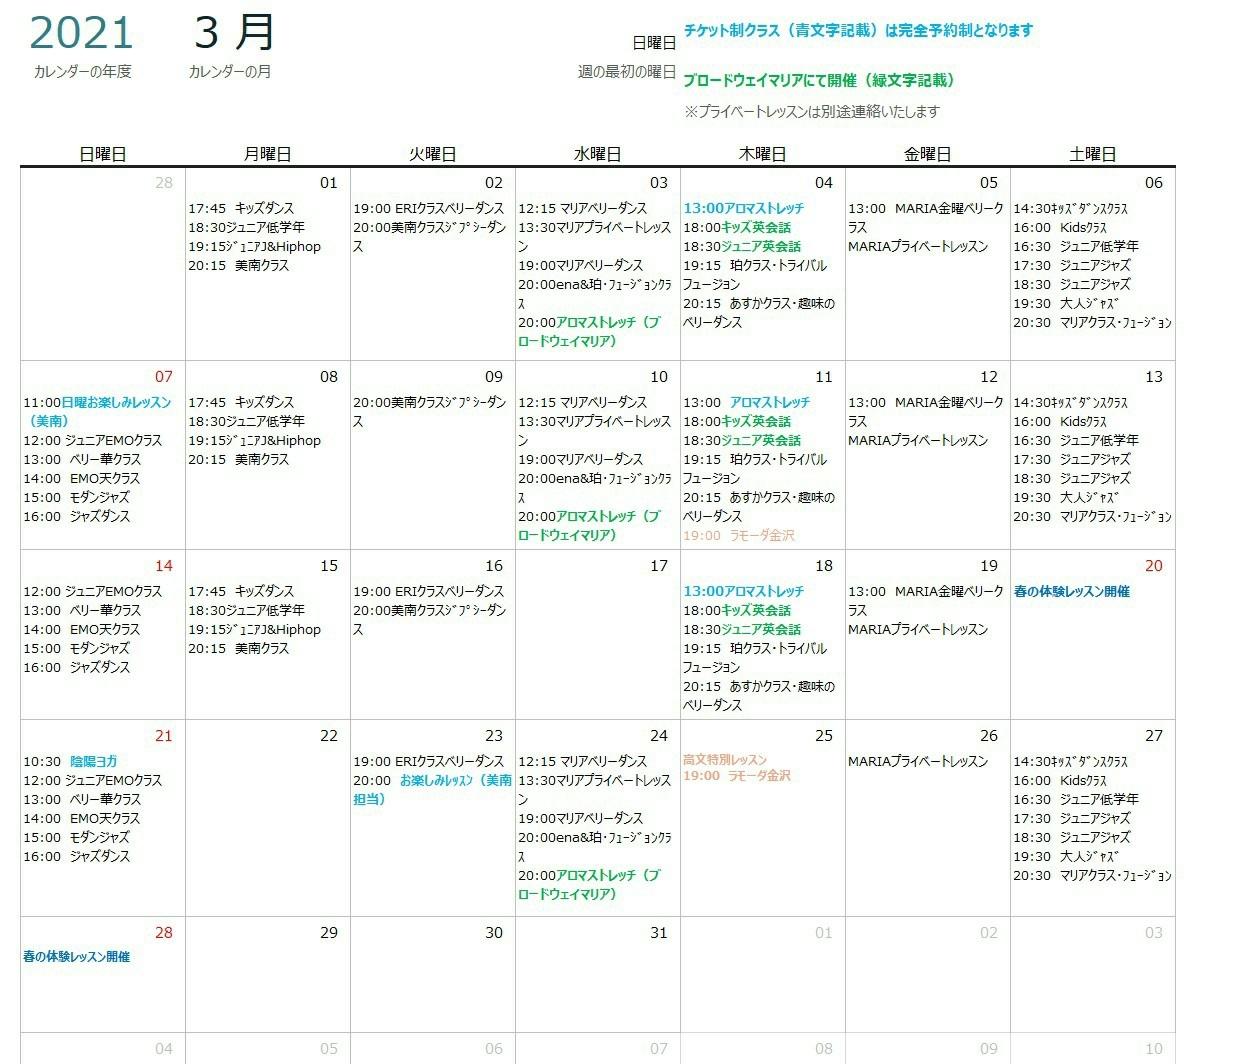 ブロードウェイ・マリア/マリアスタジオ(スタジオスケジュール)3月3日更新_c0201916_23234304.jpg